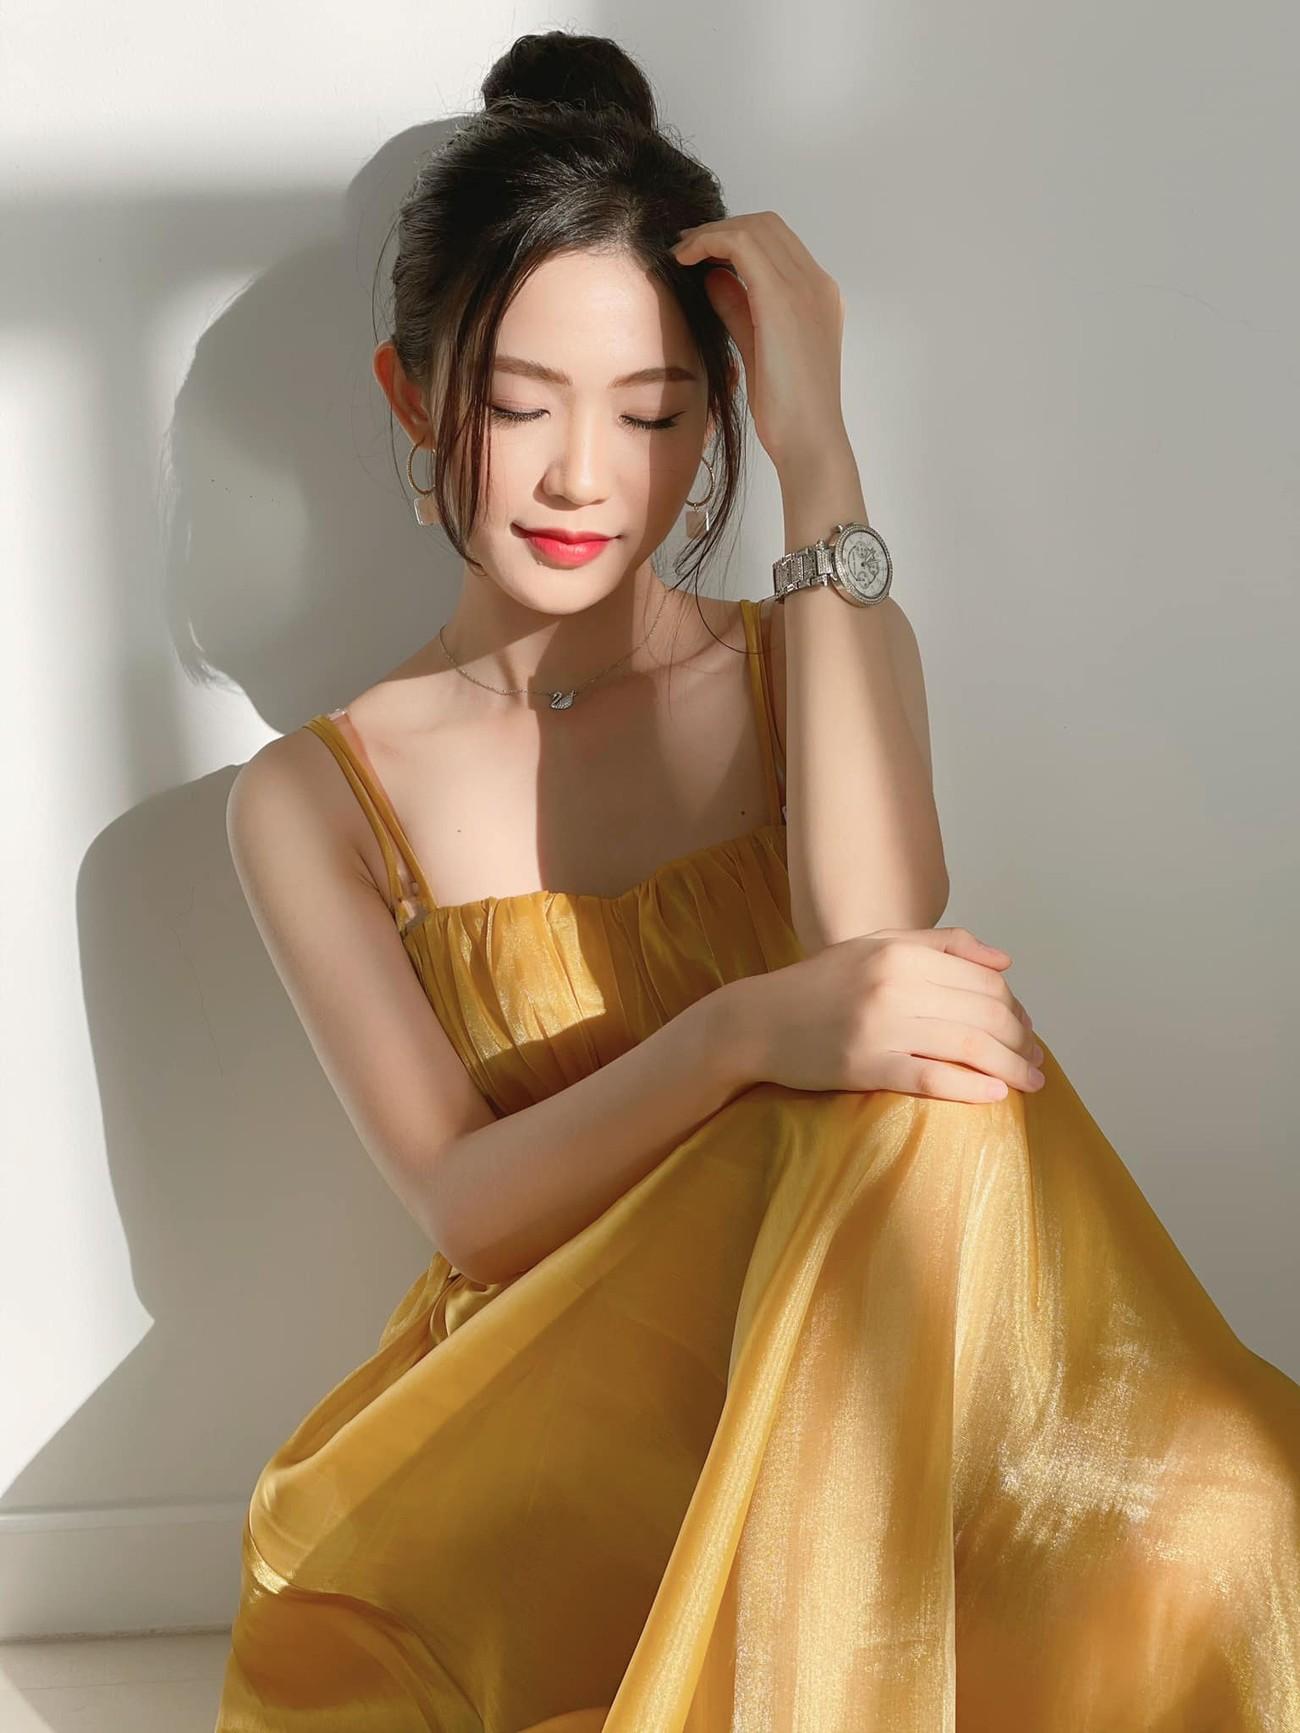 Nhan sắc tựa nàng thơ của 'Người đẹp được yêu thích nhất' Hoa hậu Việt Nam 2020 ảnh 4